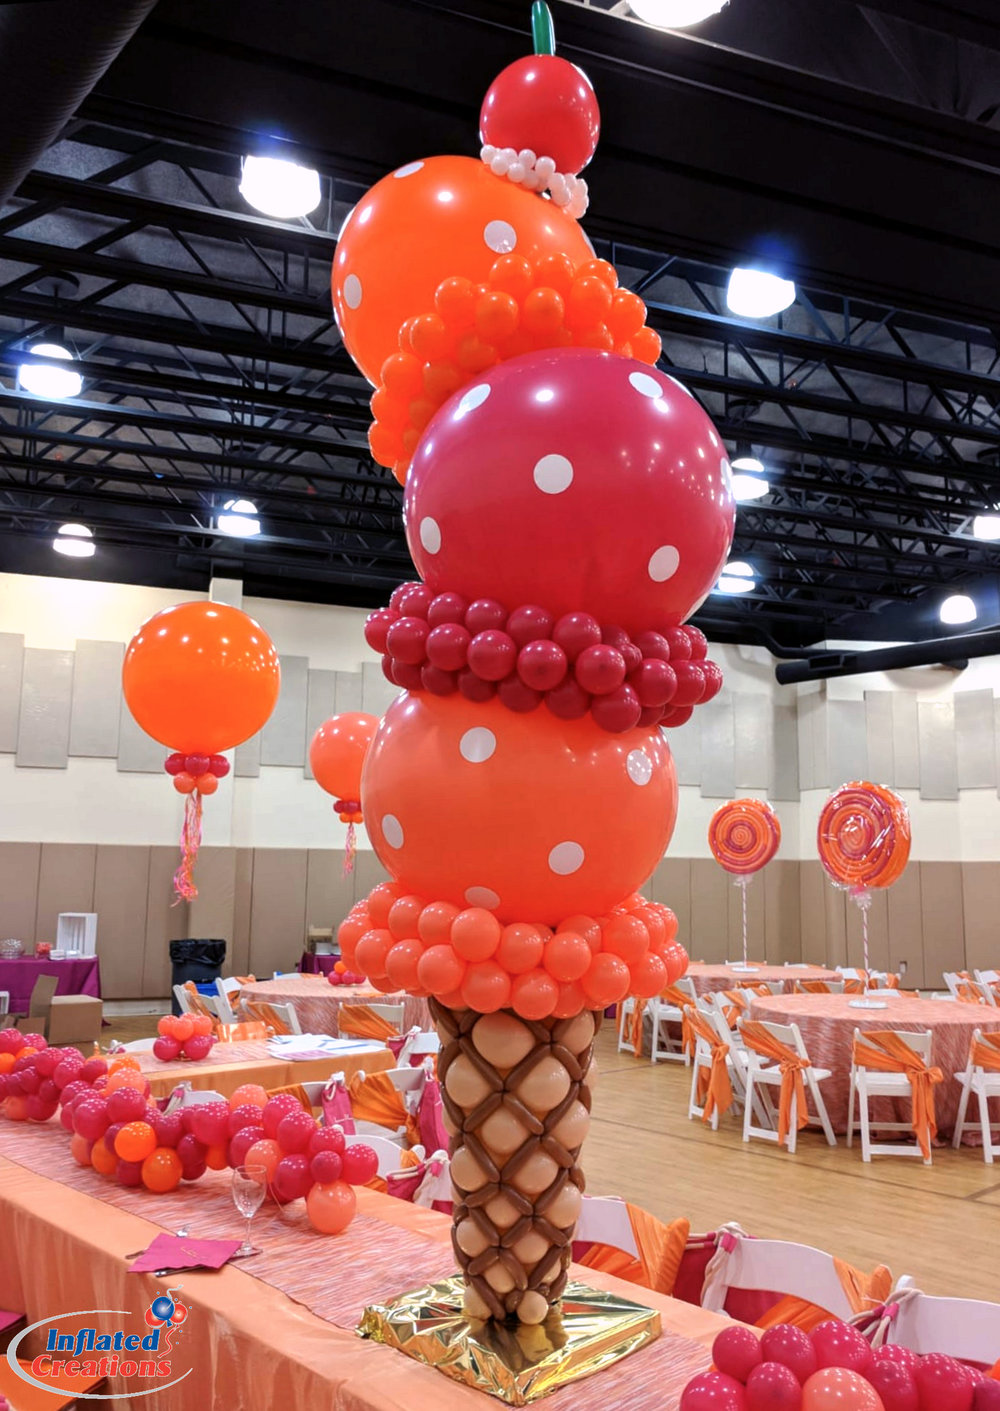 Cherry on Top Ice Cream Cone Balloons